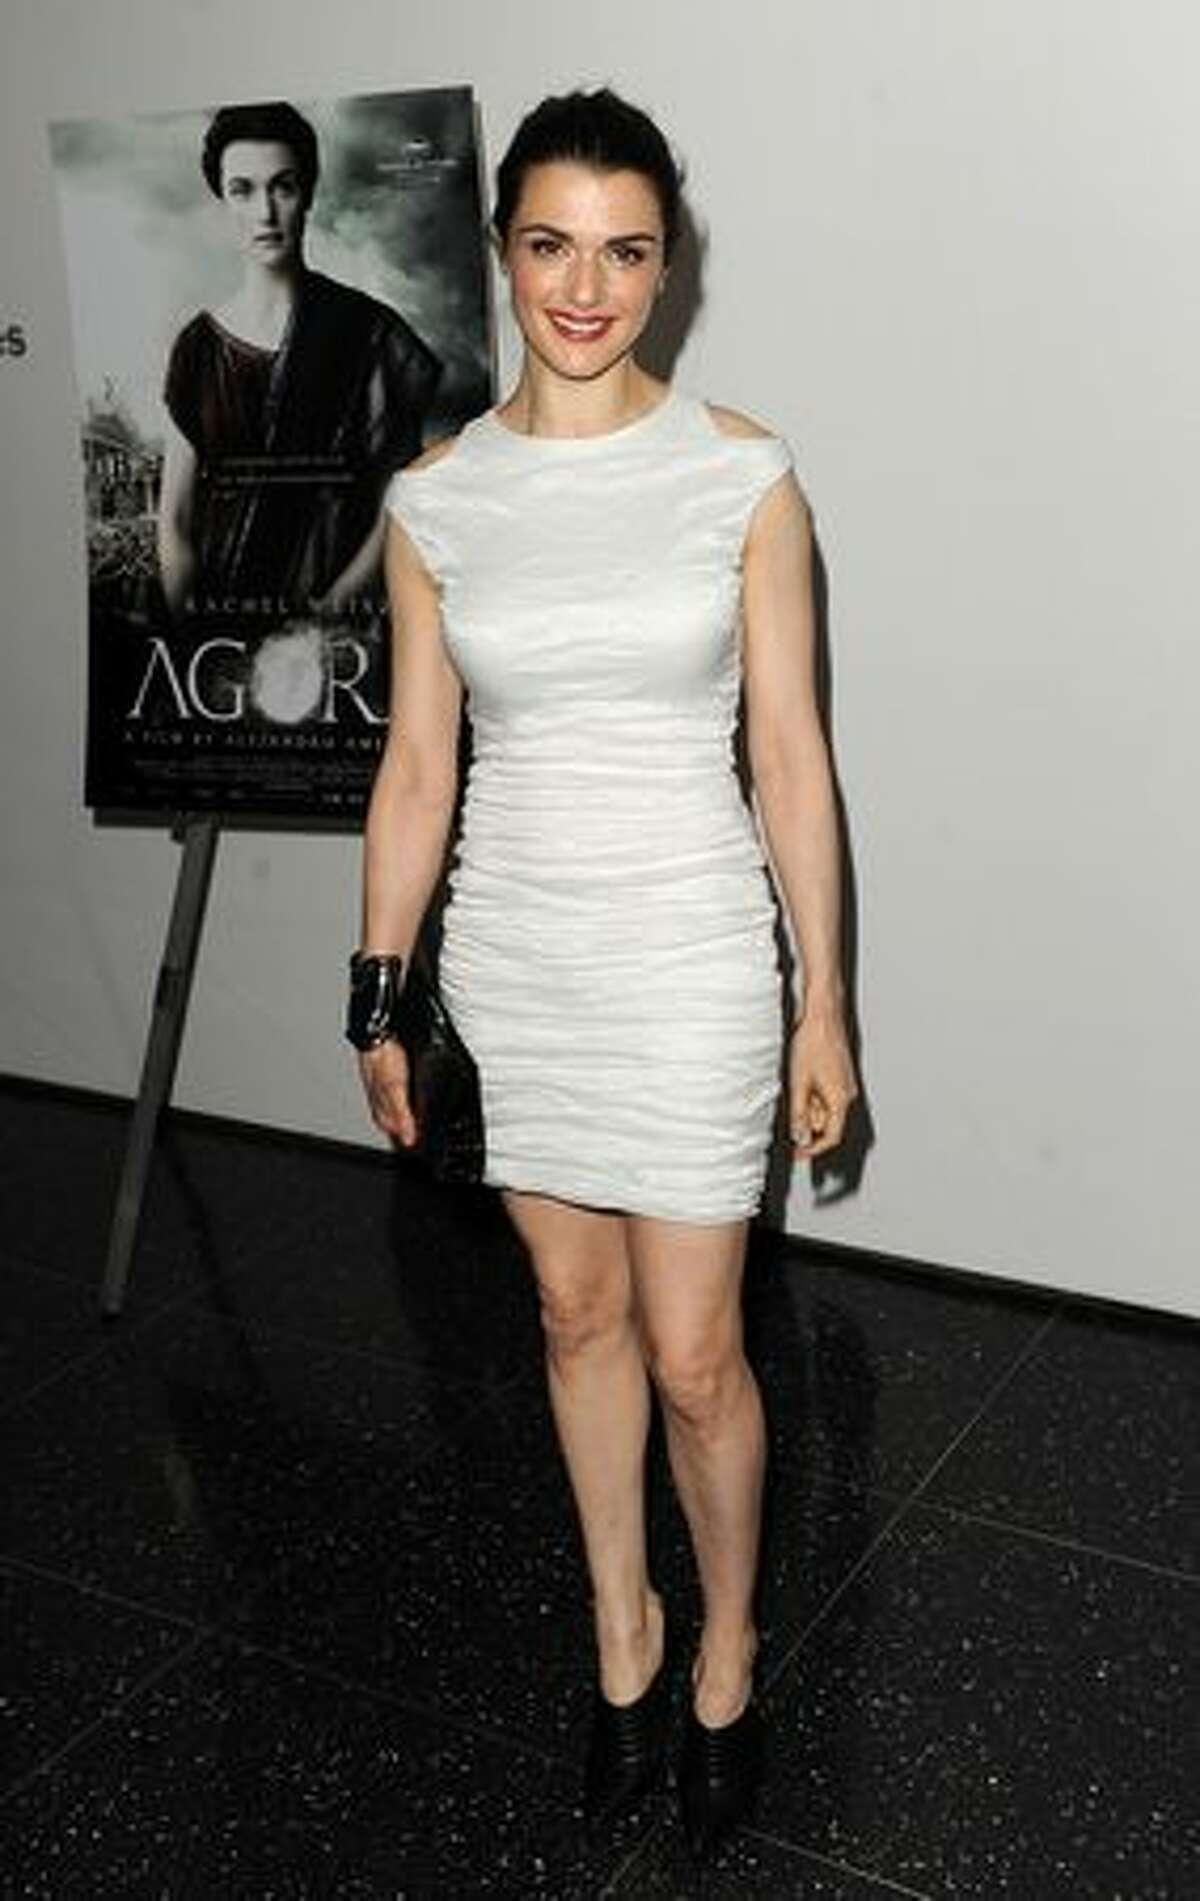 Actress Rachel Weisz attends a special screening of